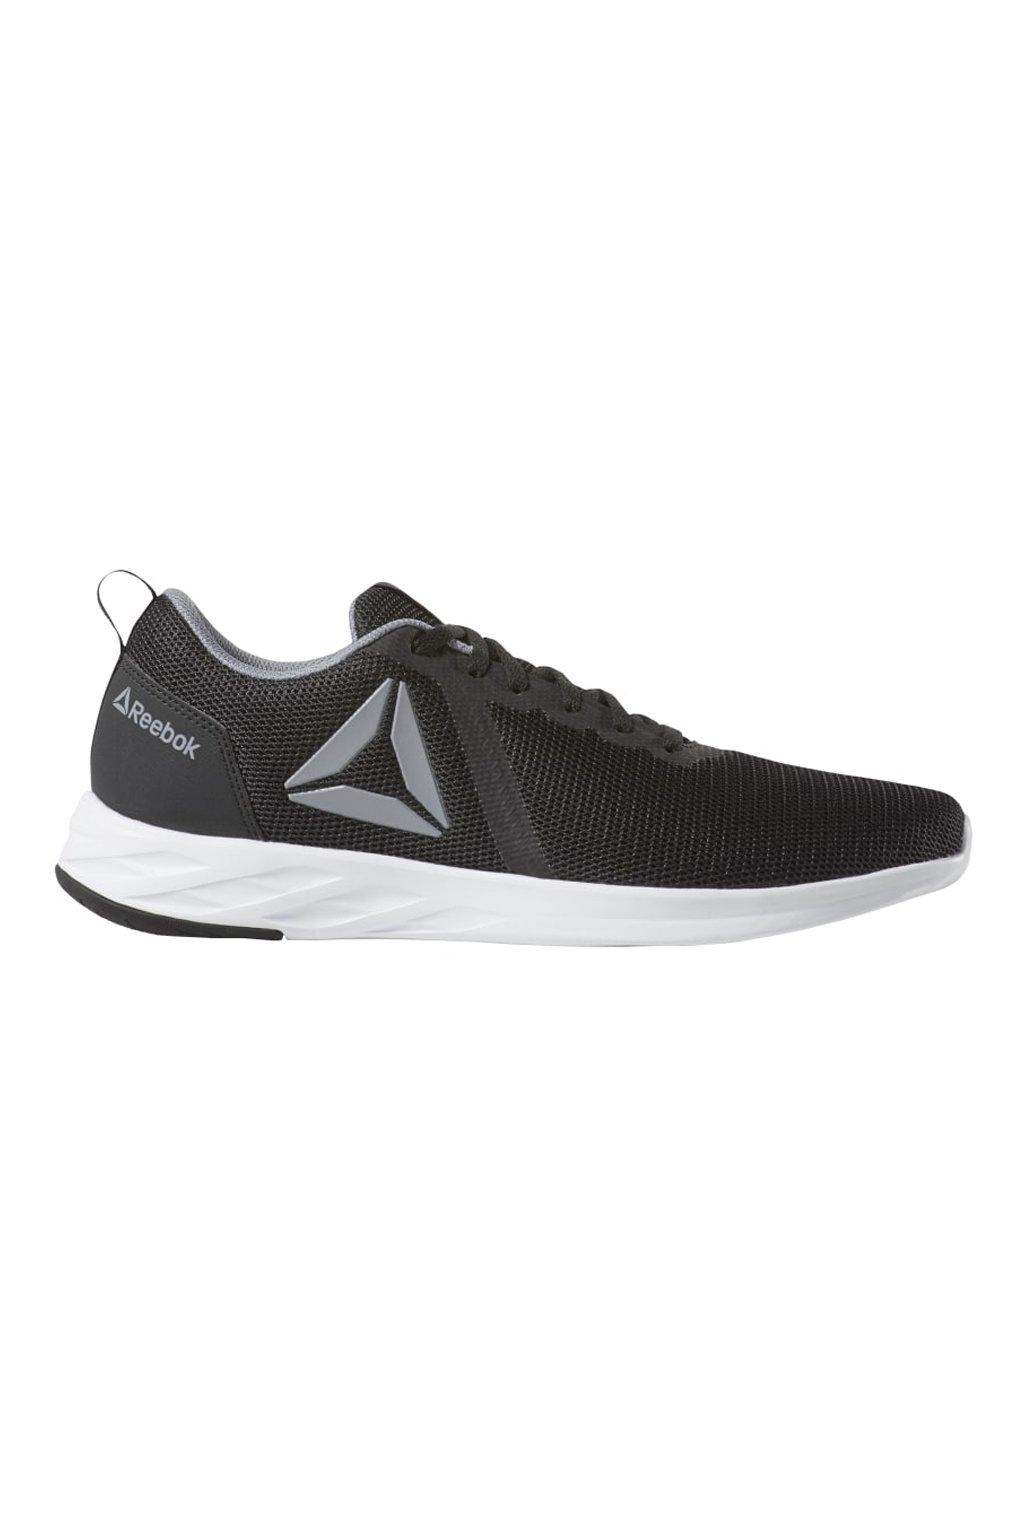 Pánska obuv Reebok RBK Astroride Essential čierne DV4090